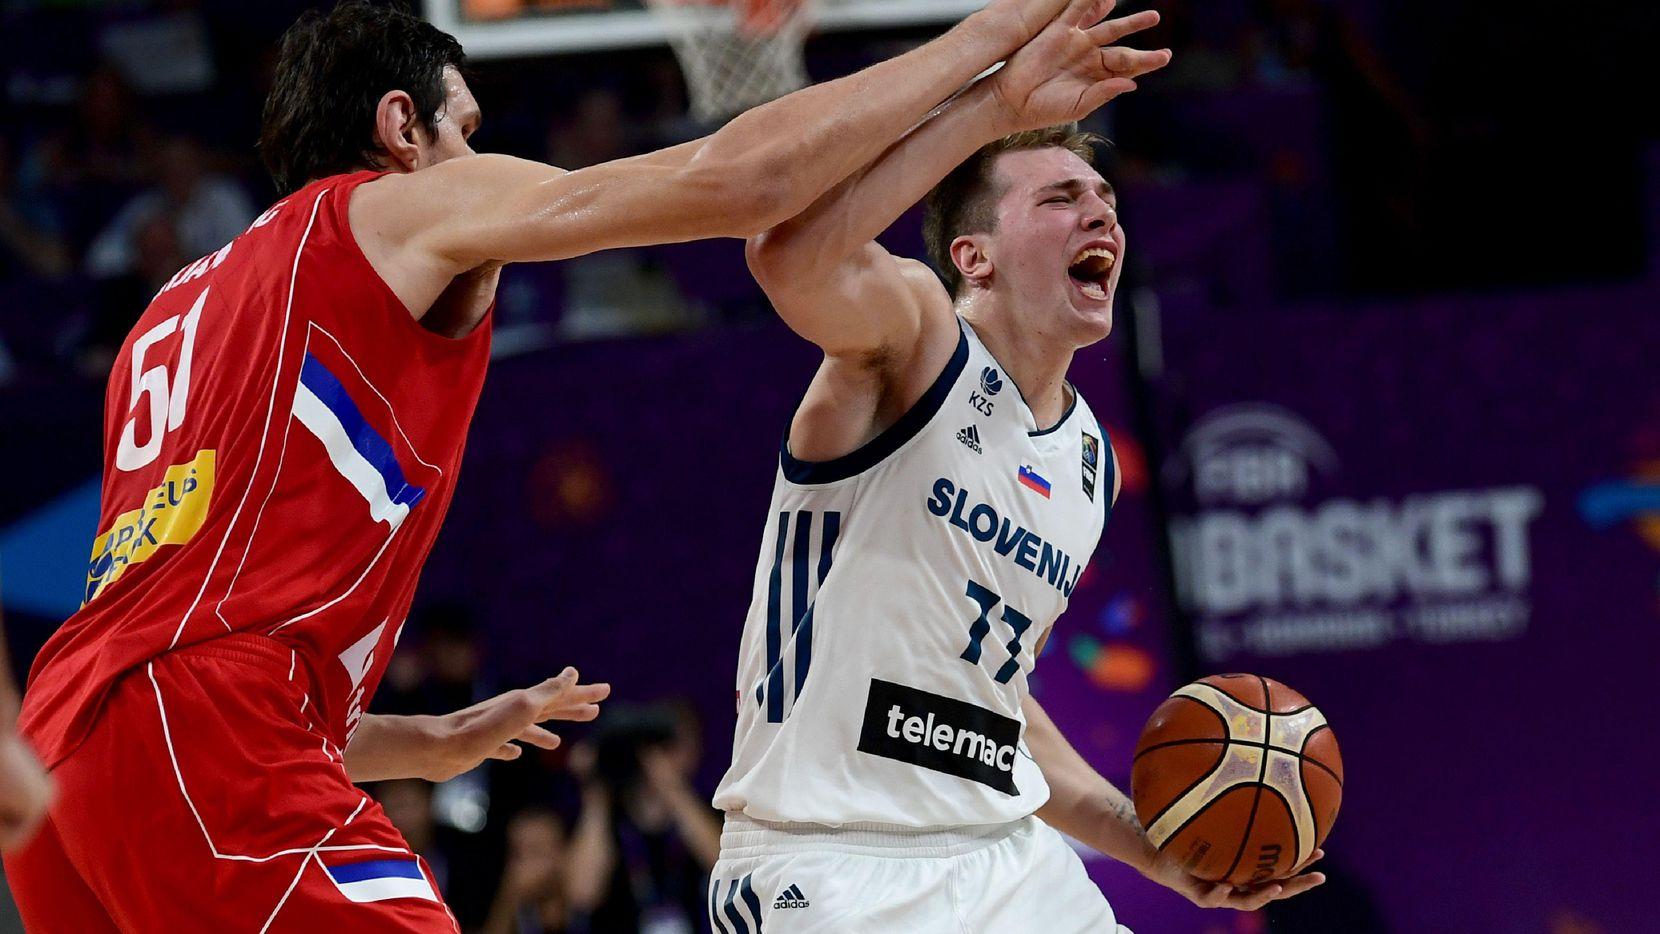 Luka Doncic (der.) es el principal prospecto en el próximo draft de la NBA. (AFP/Getty Images/OZAN KOSE)